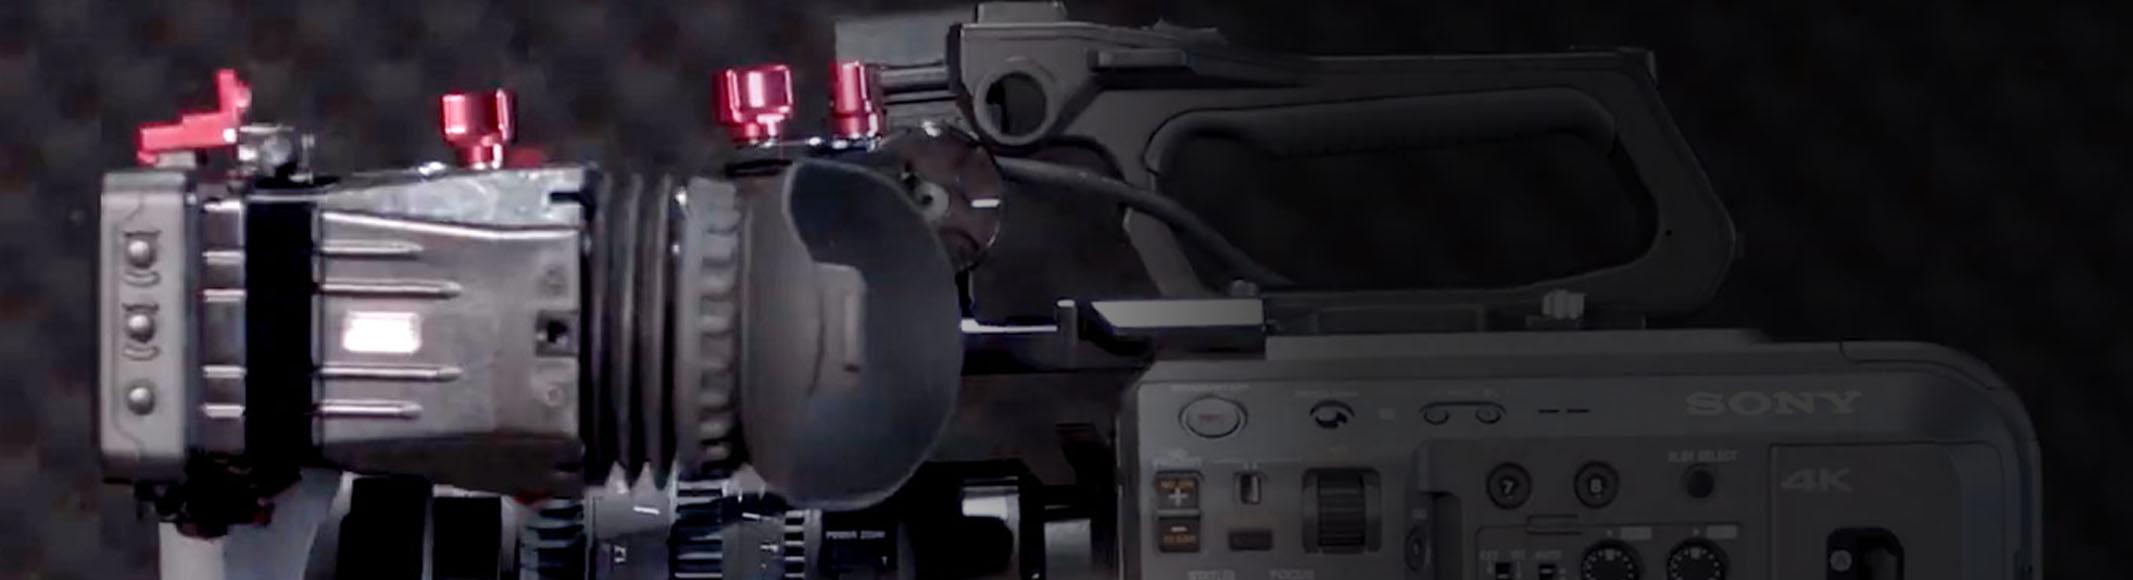 ZACUTO SONY FX9用アクセサリ-の紹介